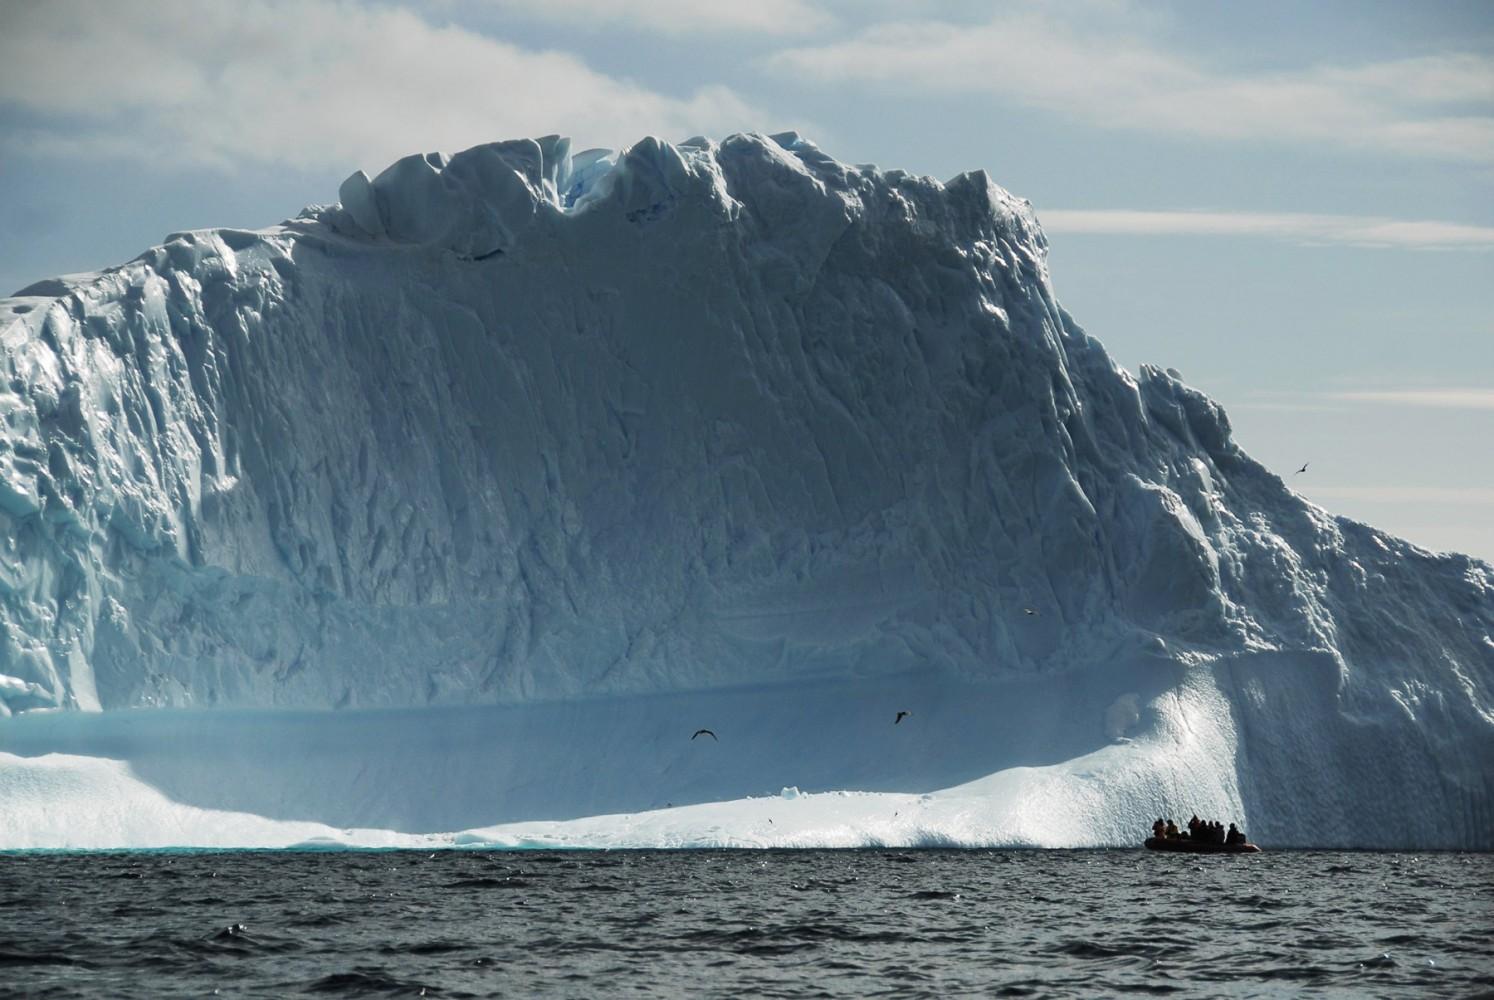 Lateral de un glaciar, con un bote de navegación debajo.